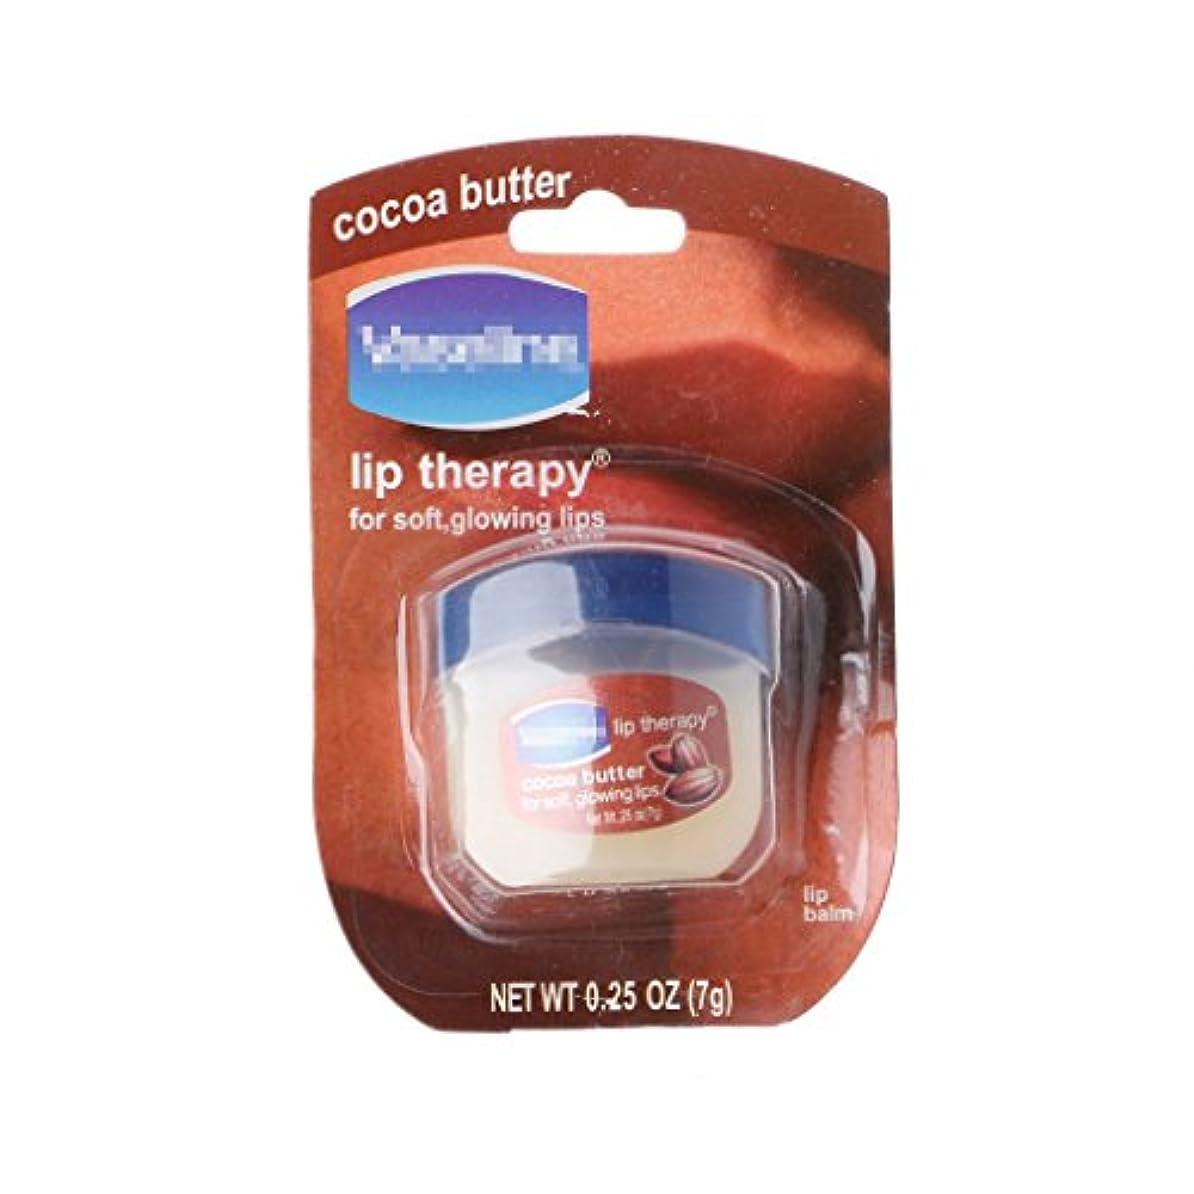 ニコチンそよ風寝室Manyao 身体の顔のための純粋な石油ゼリースキンプロテクターモイスチャライザーワセリンクリーム (NO.1)